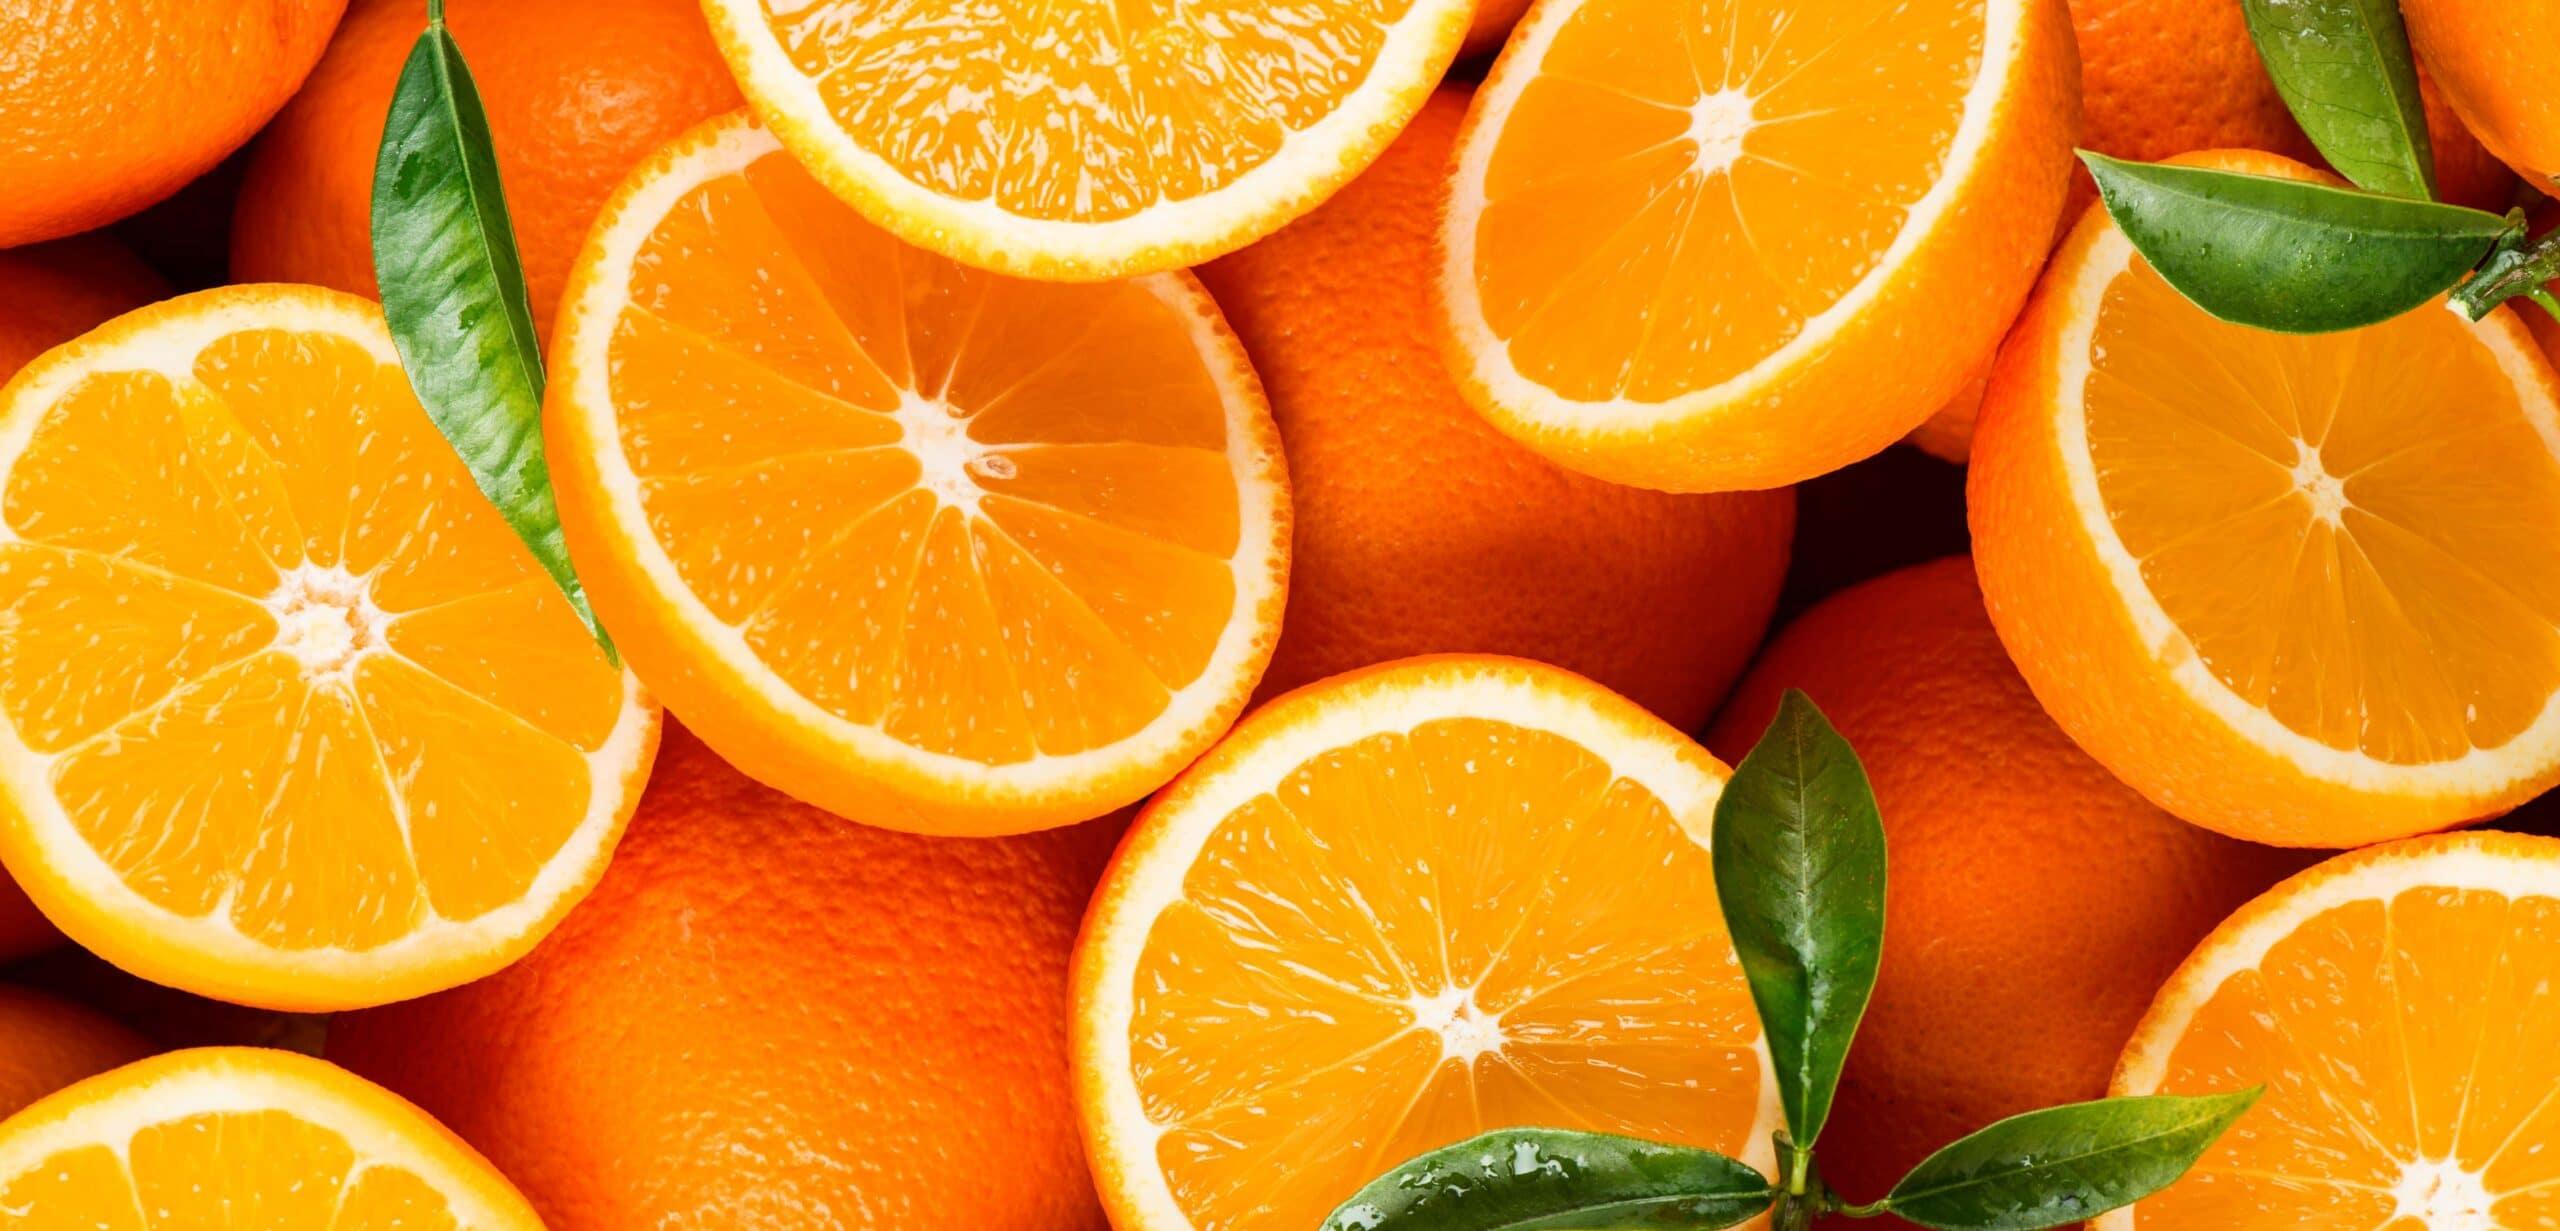 arancia benefici e proprietà nutrizionali